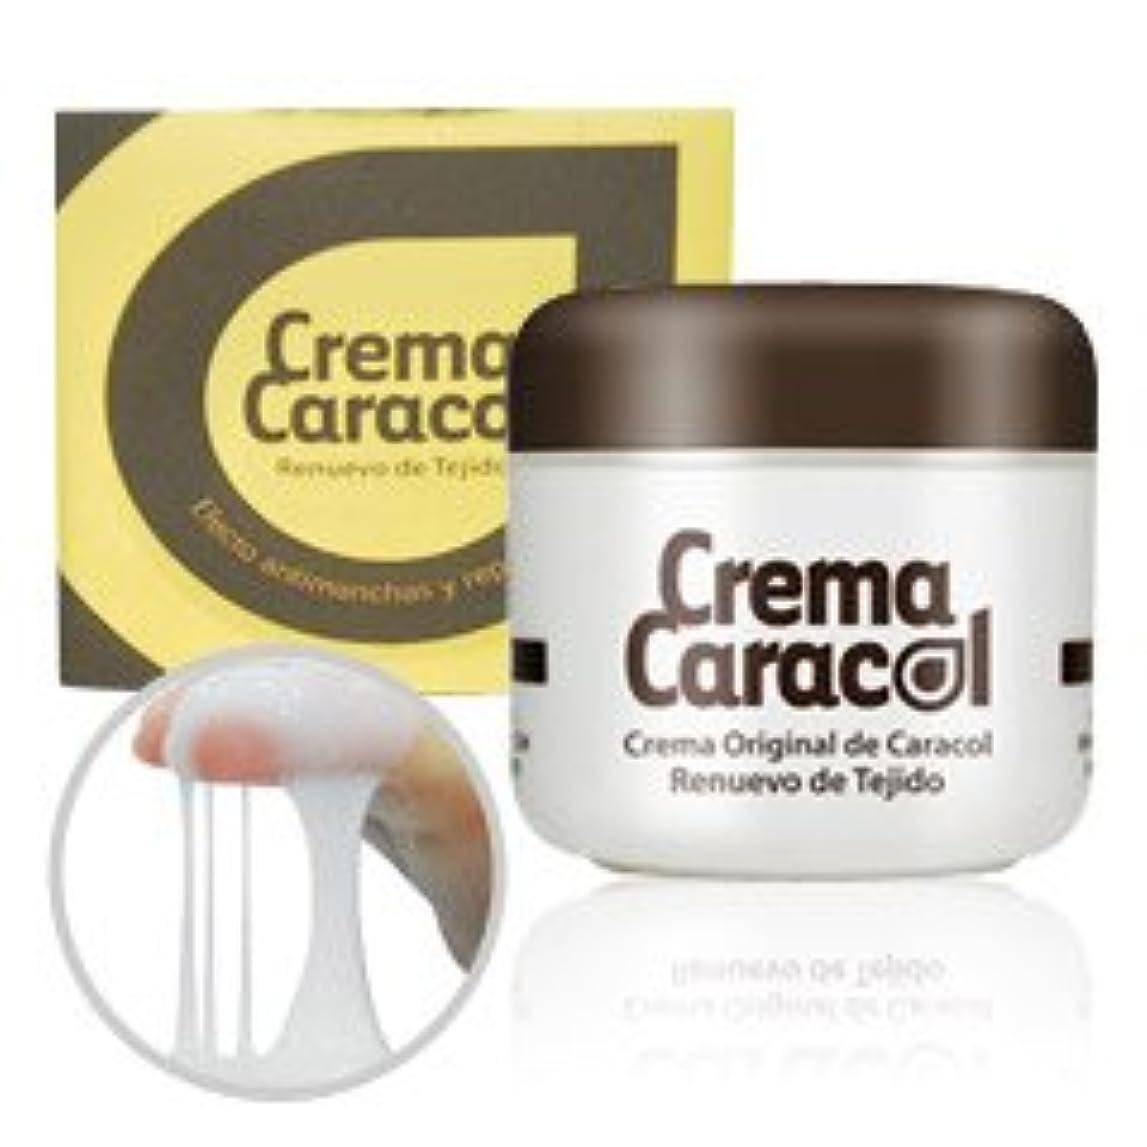 キュービック間隔抗議crema caracol(カラコール) かたつむりクリーム 3個セット